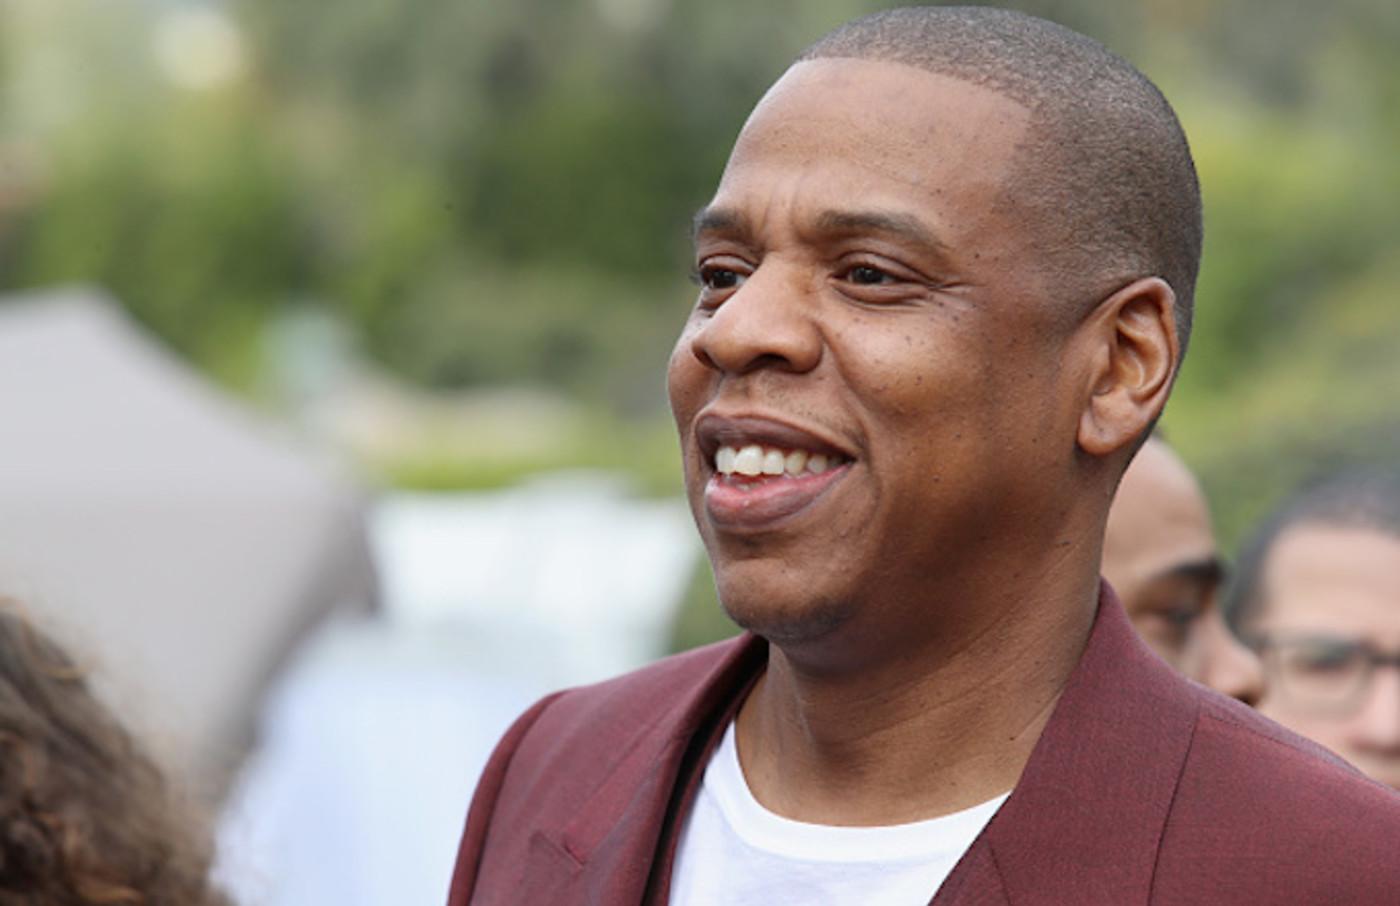 Jay-Z attends 2017 Roc Nation Pre-Grammy Brunch